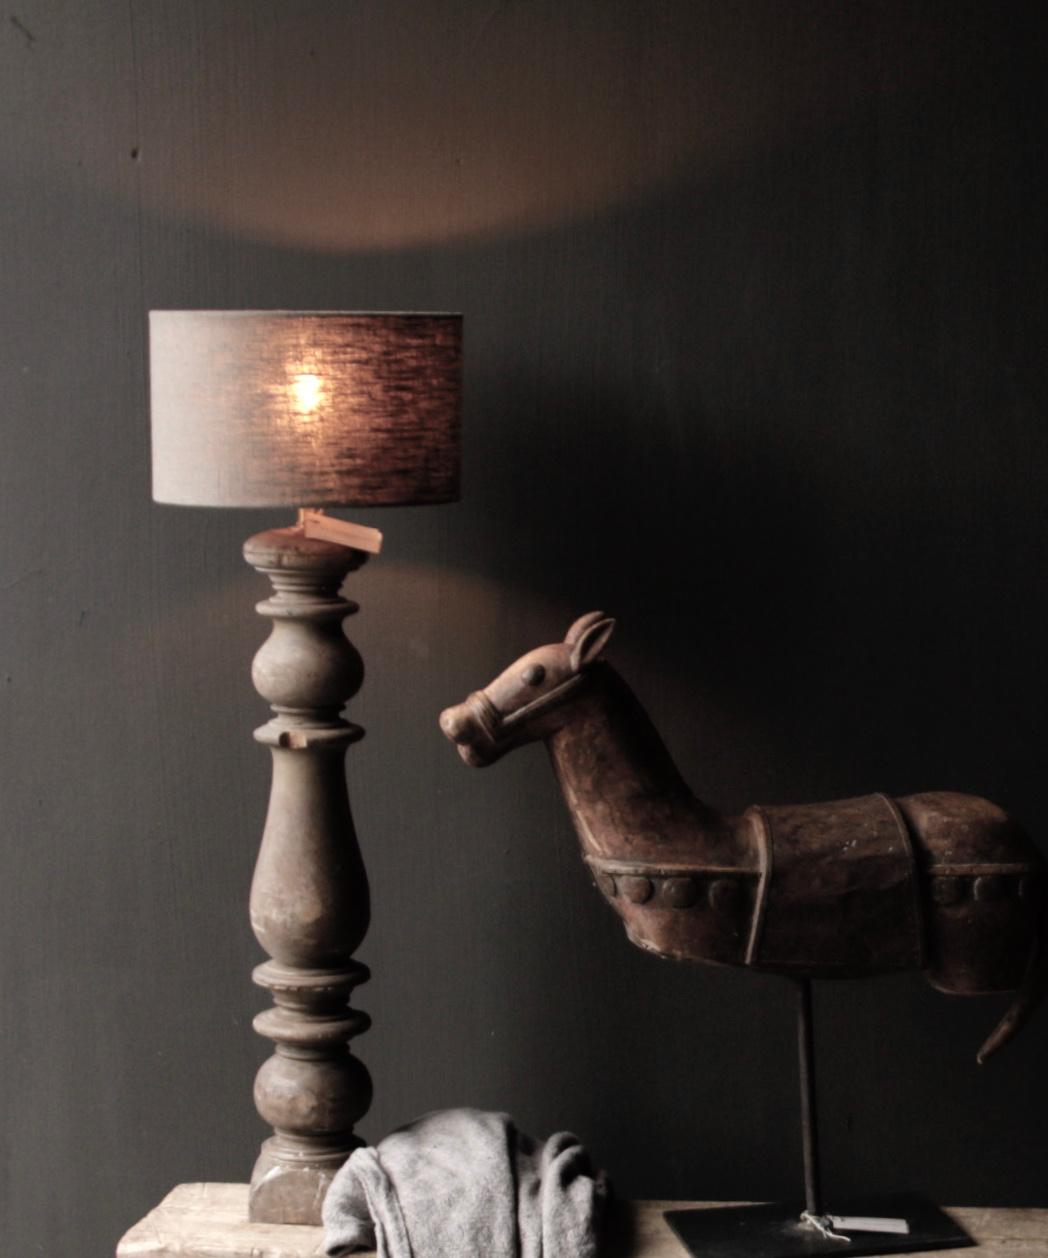 Prachtig Oude Houten lamp voet van Authentieke Baluster-1